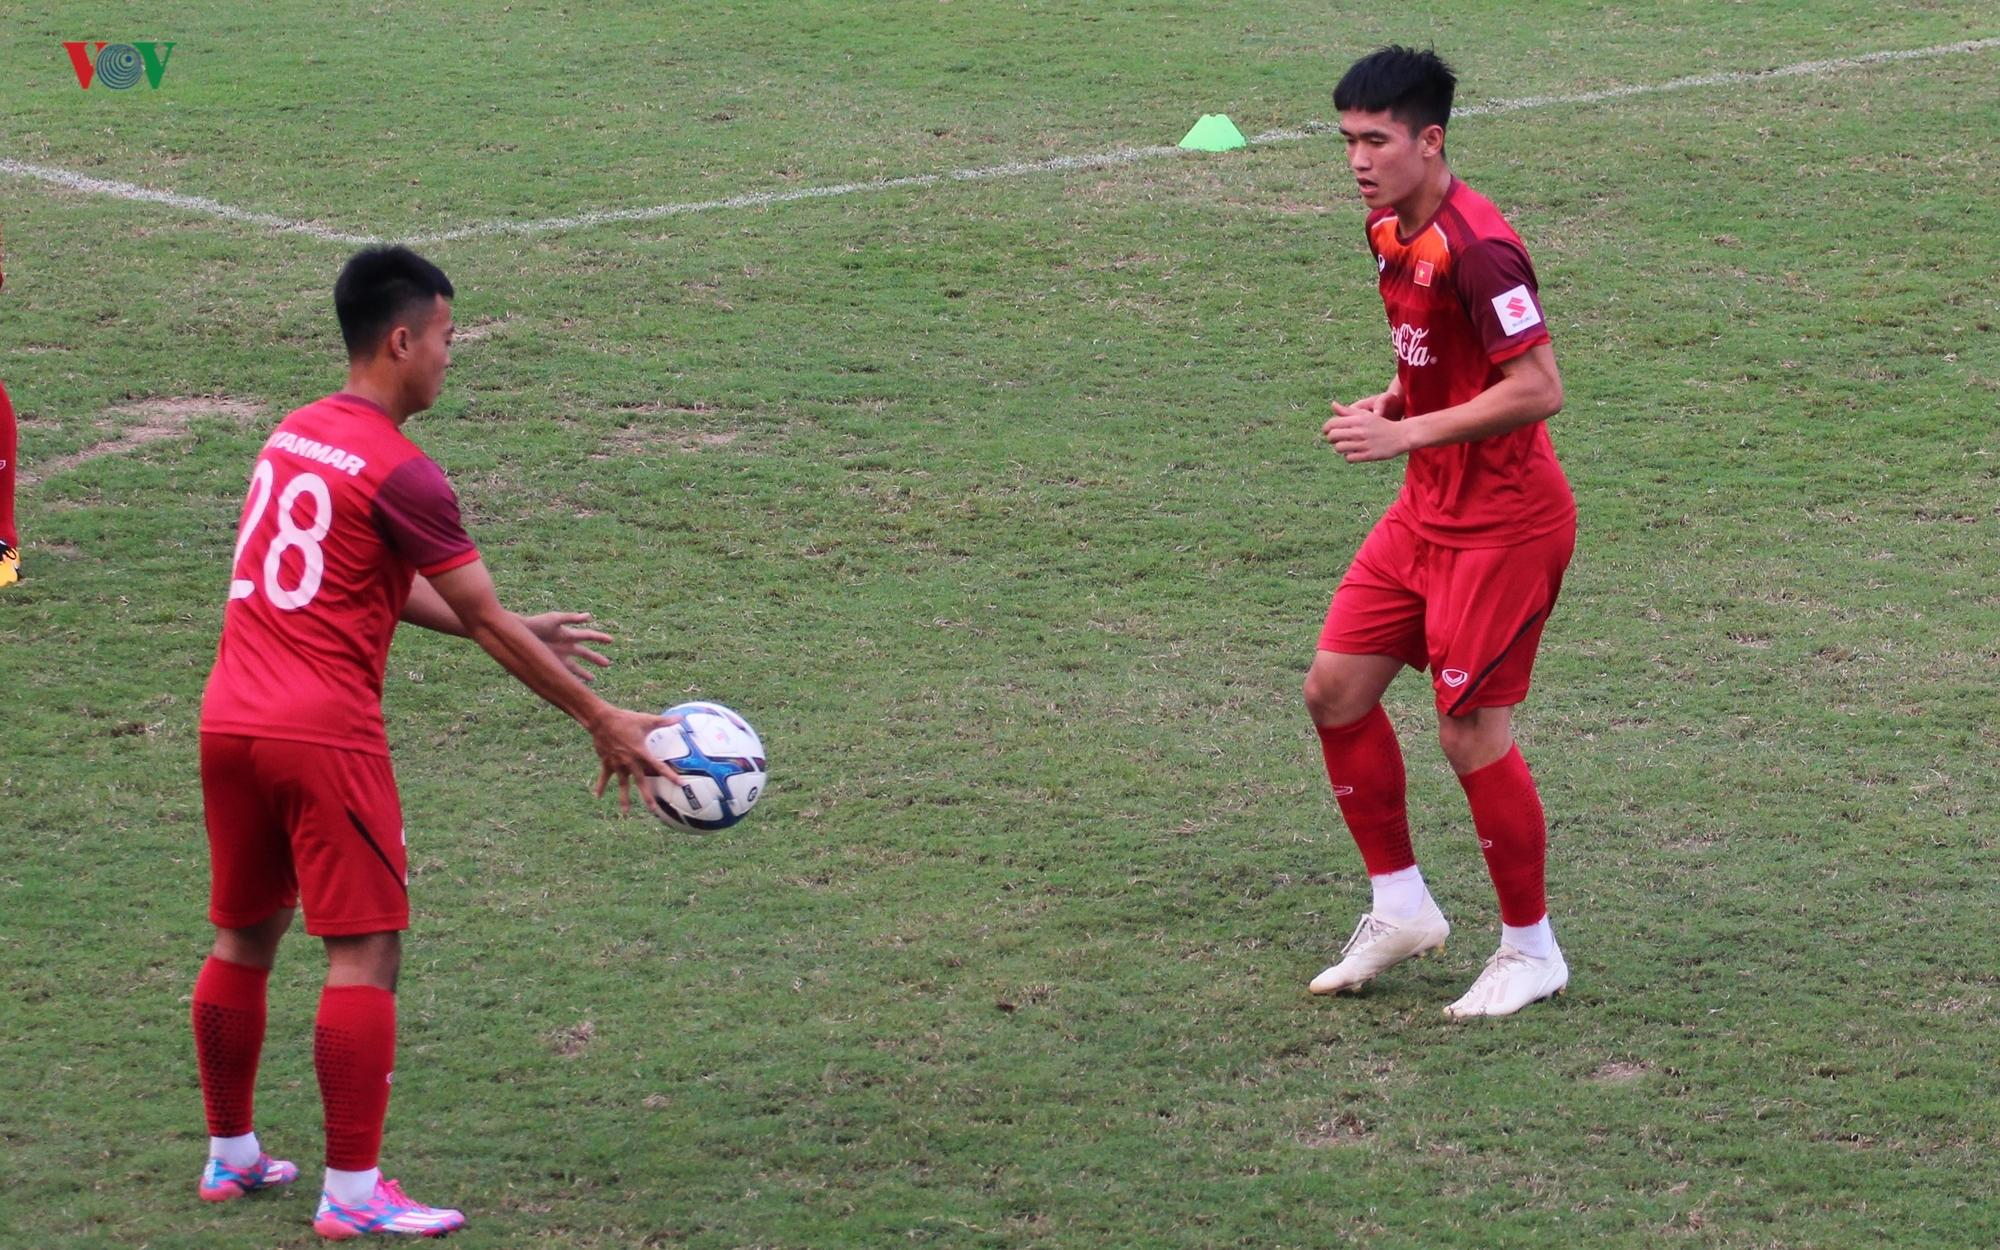 Trung vệ U23 Việt Nam phân tích lối chơi U23 Thái Lan và U23 Indonesia Ảnh 2